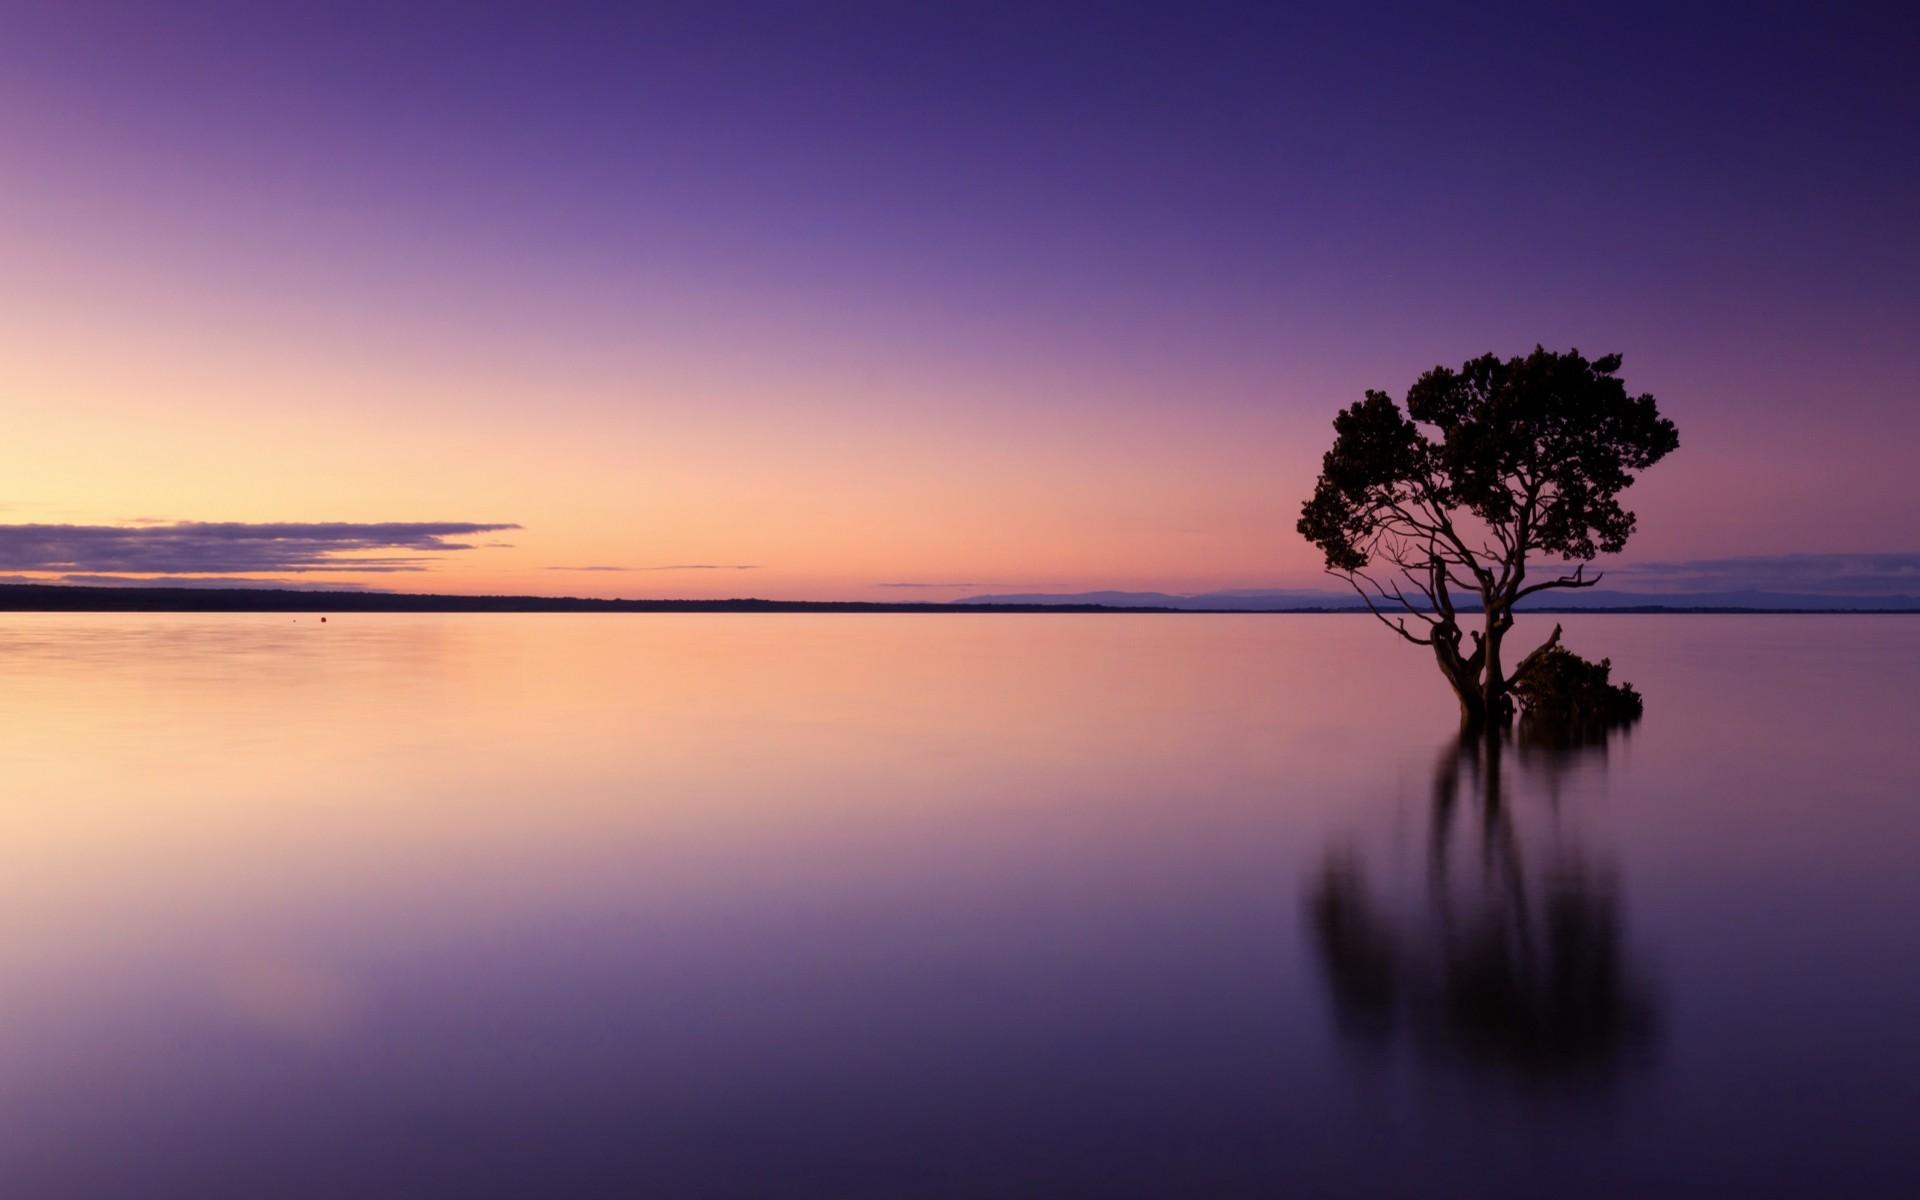 природа горизонт солнце озеро облака отражение  № 623518 загрузить